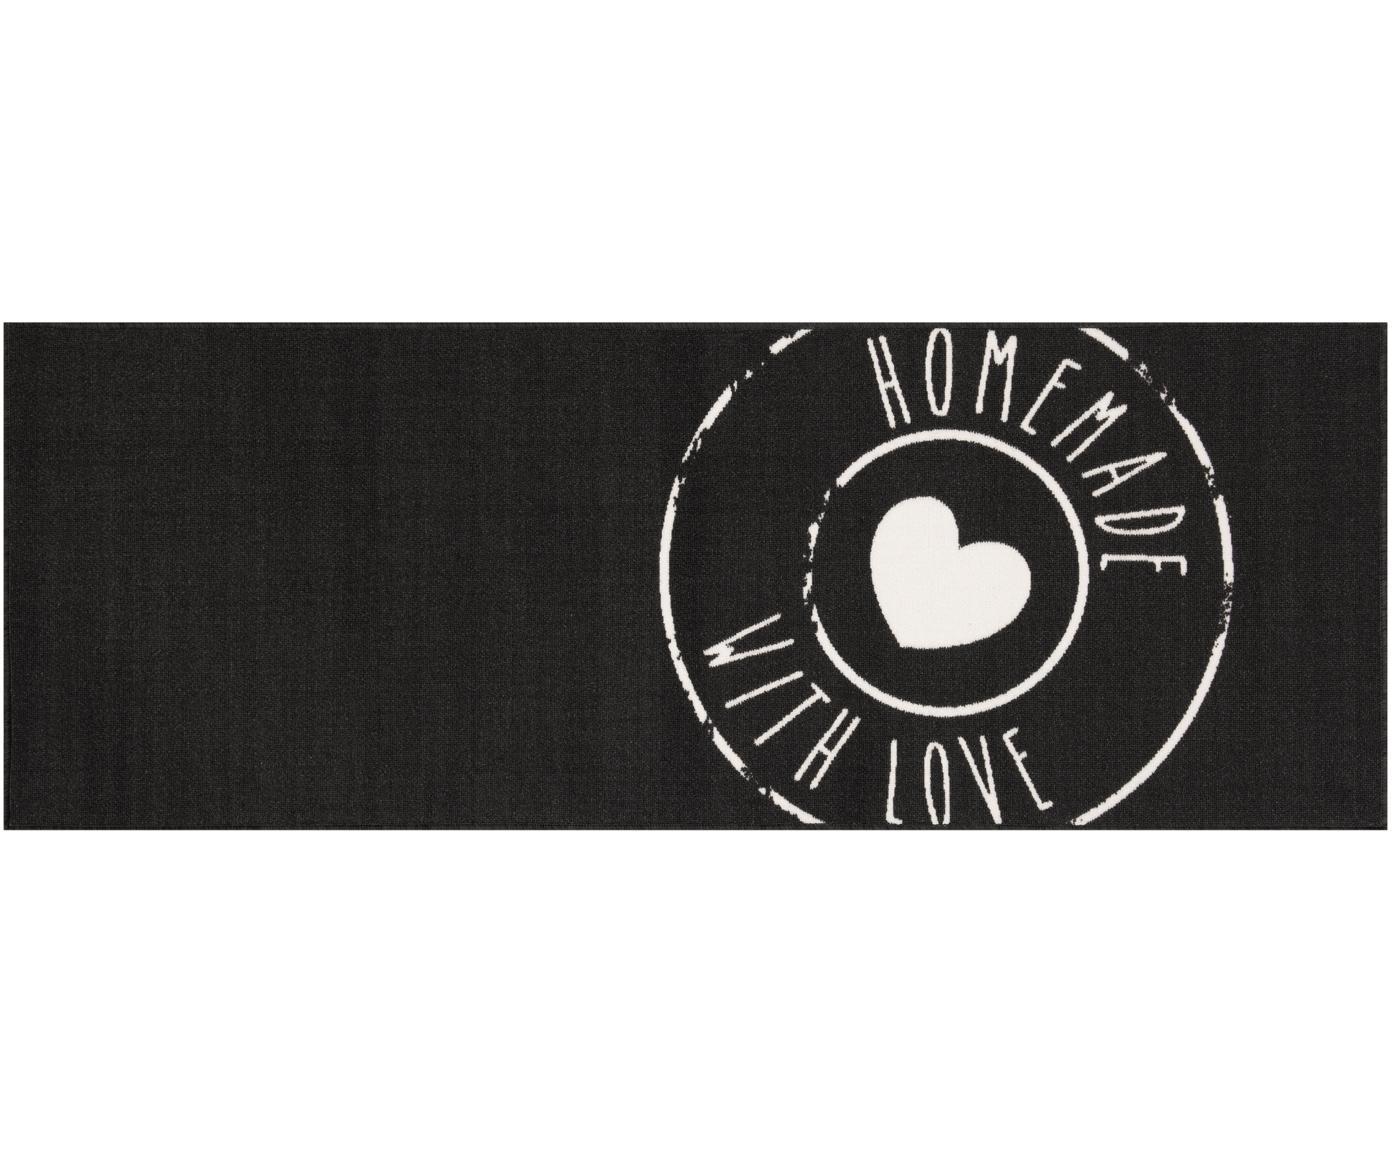 Küchenläufer Homemade with Love, rutschfest, Oberseite: 100% Polyamid, Unterseite: Latex, Schwarz, Weiss, 67 x 180 cm